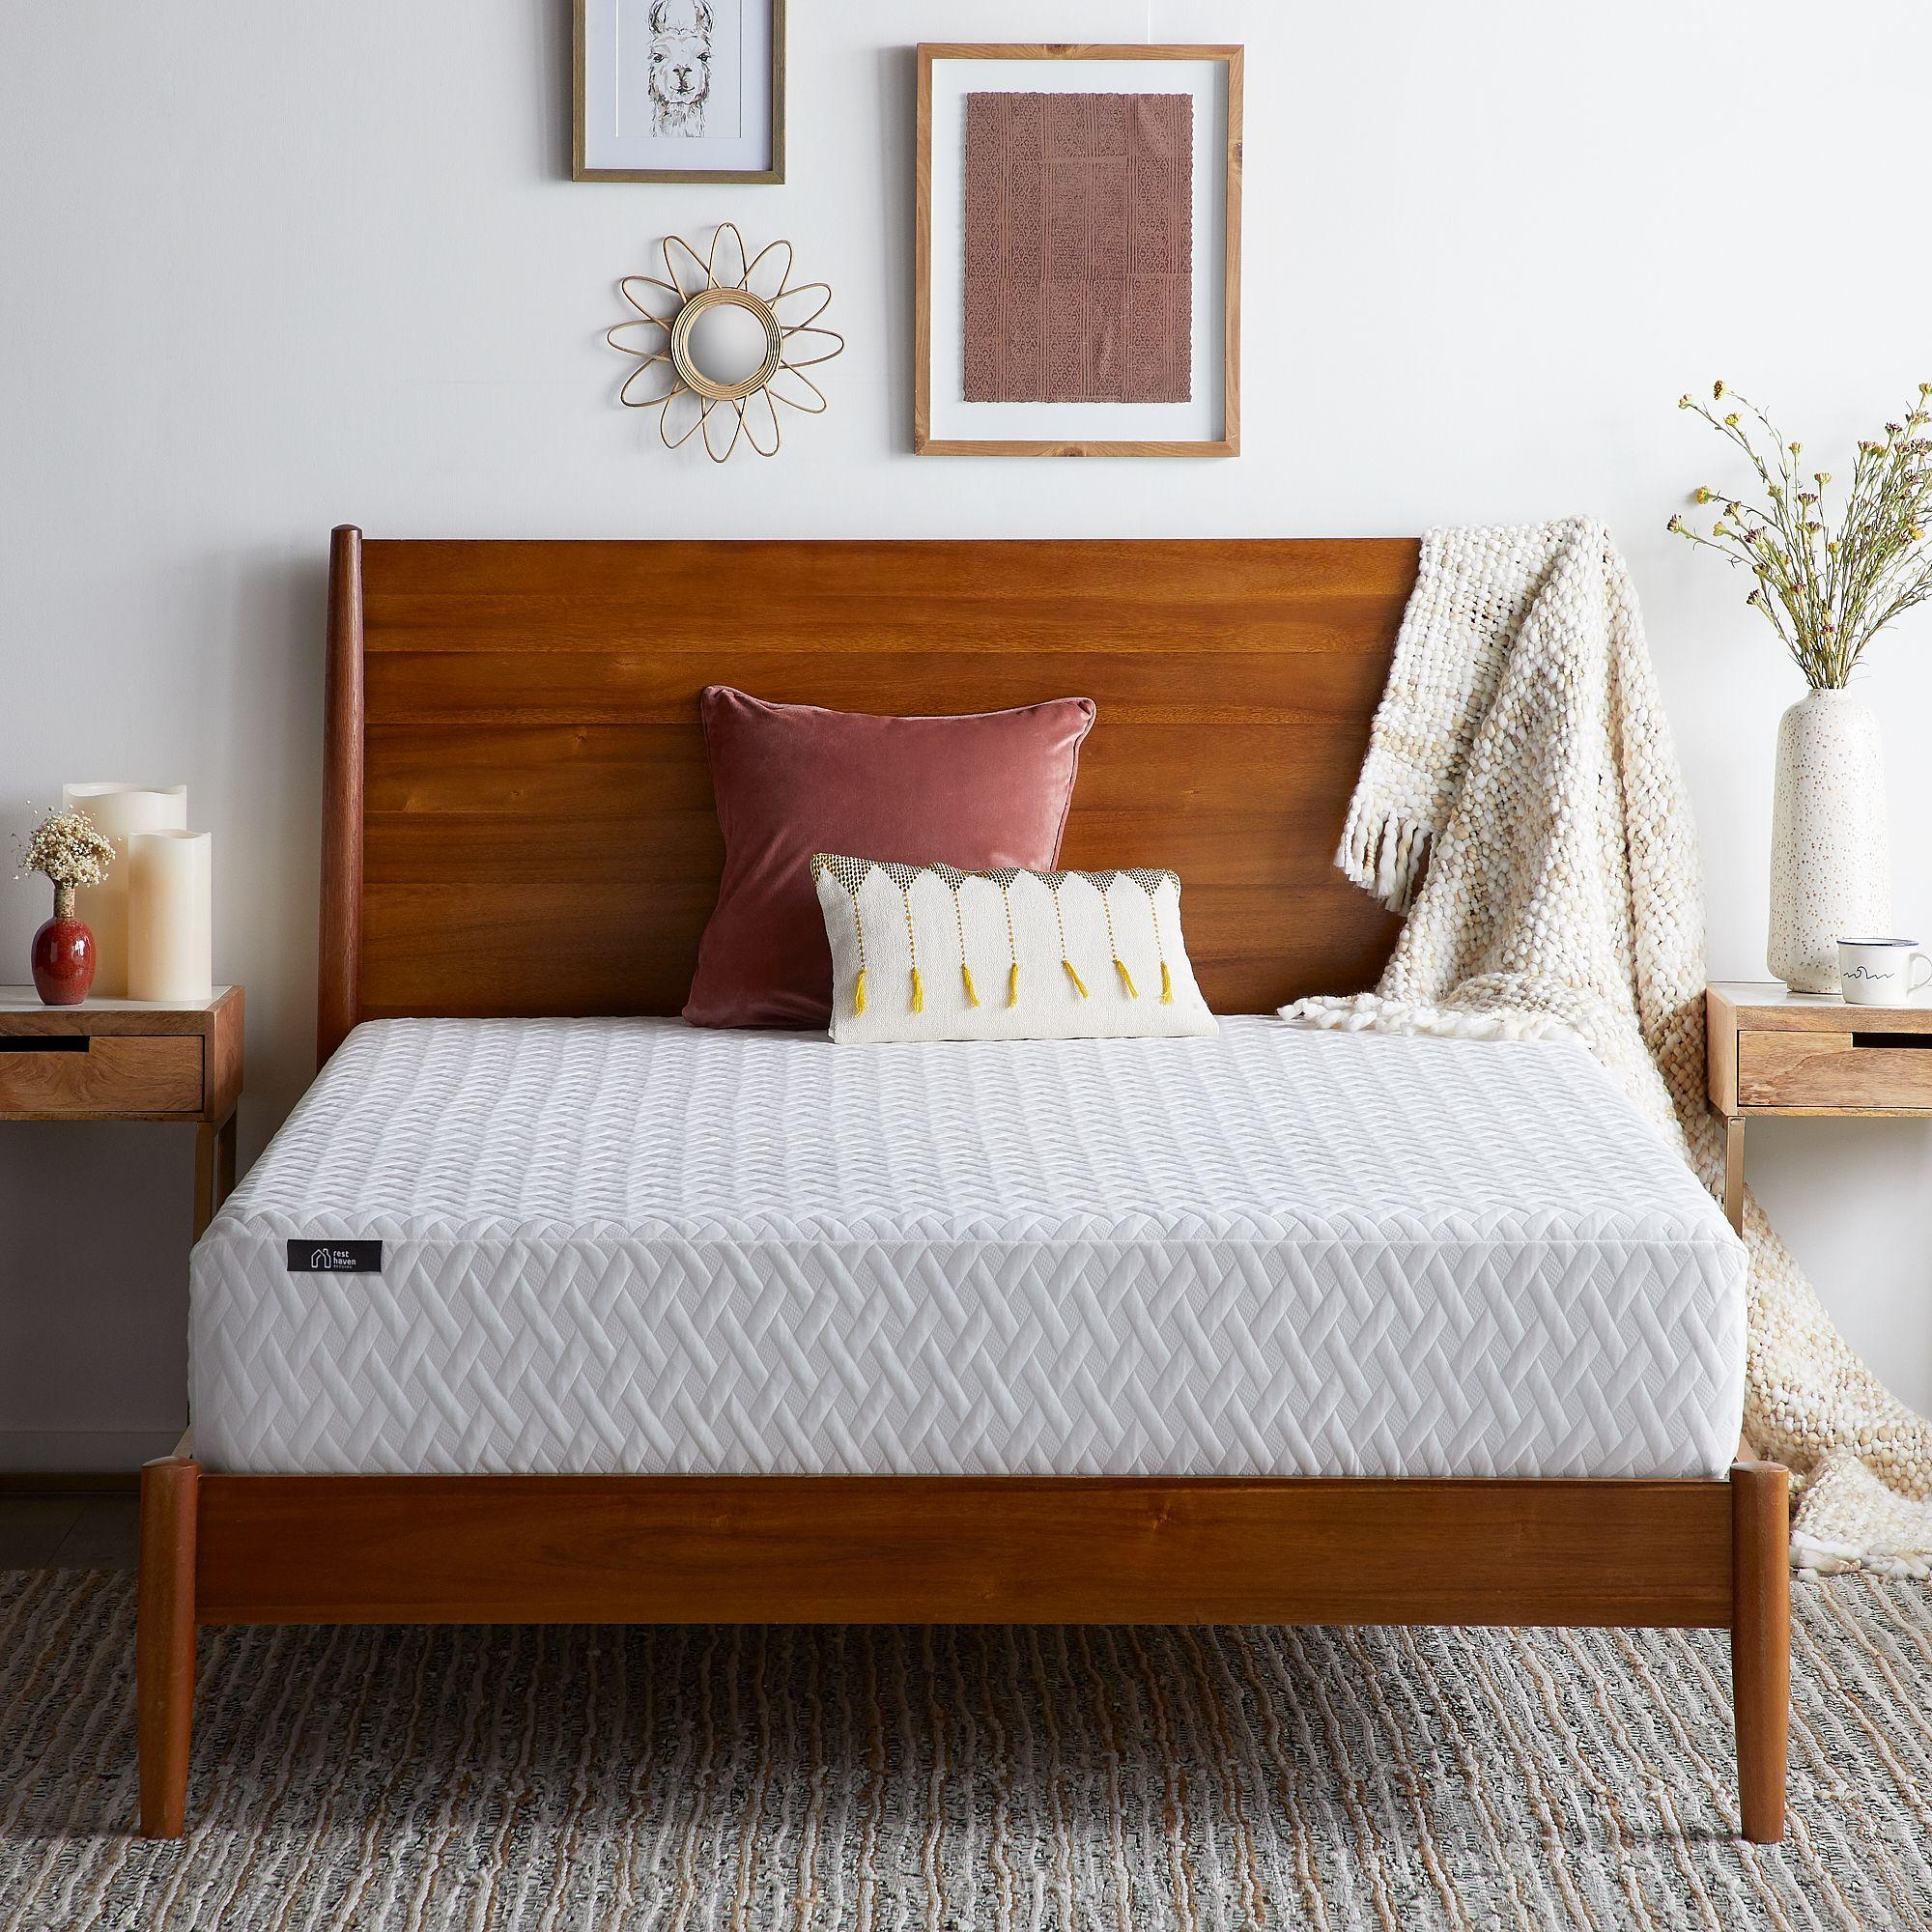 Home in 2020 Foam mattress, Gel memory foam, Gel memory